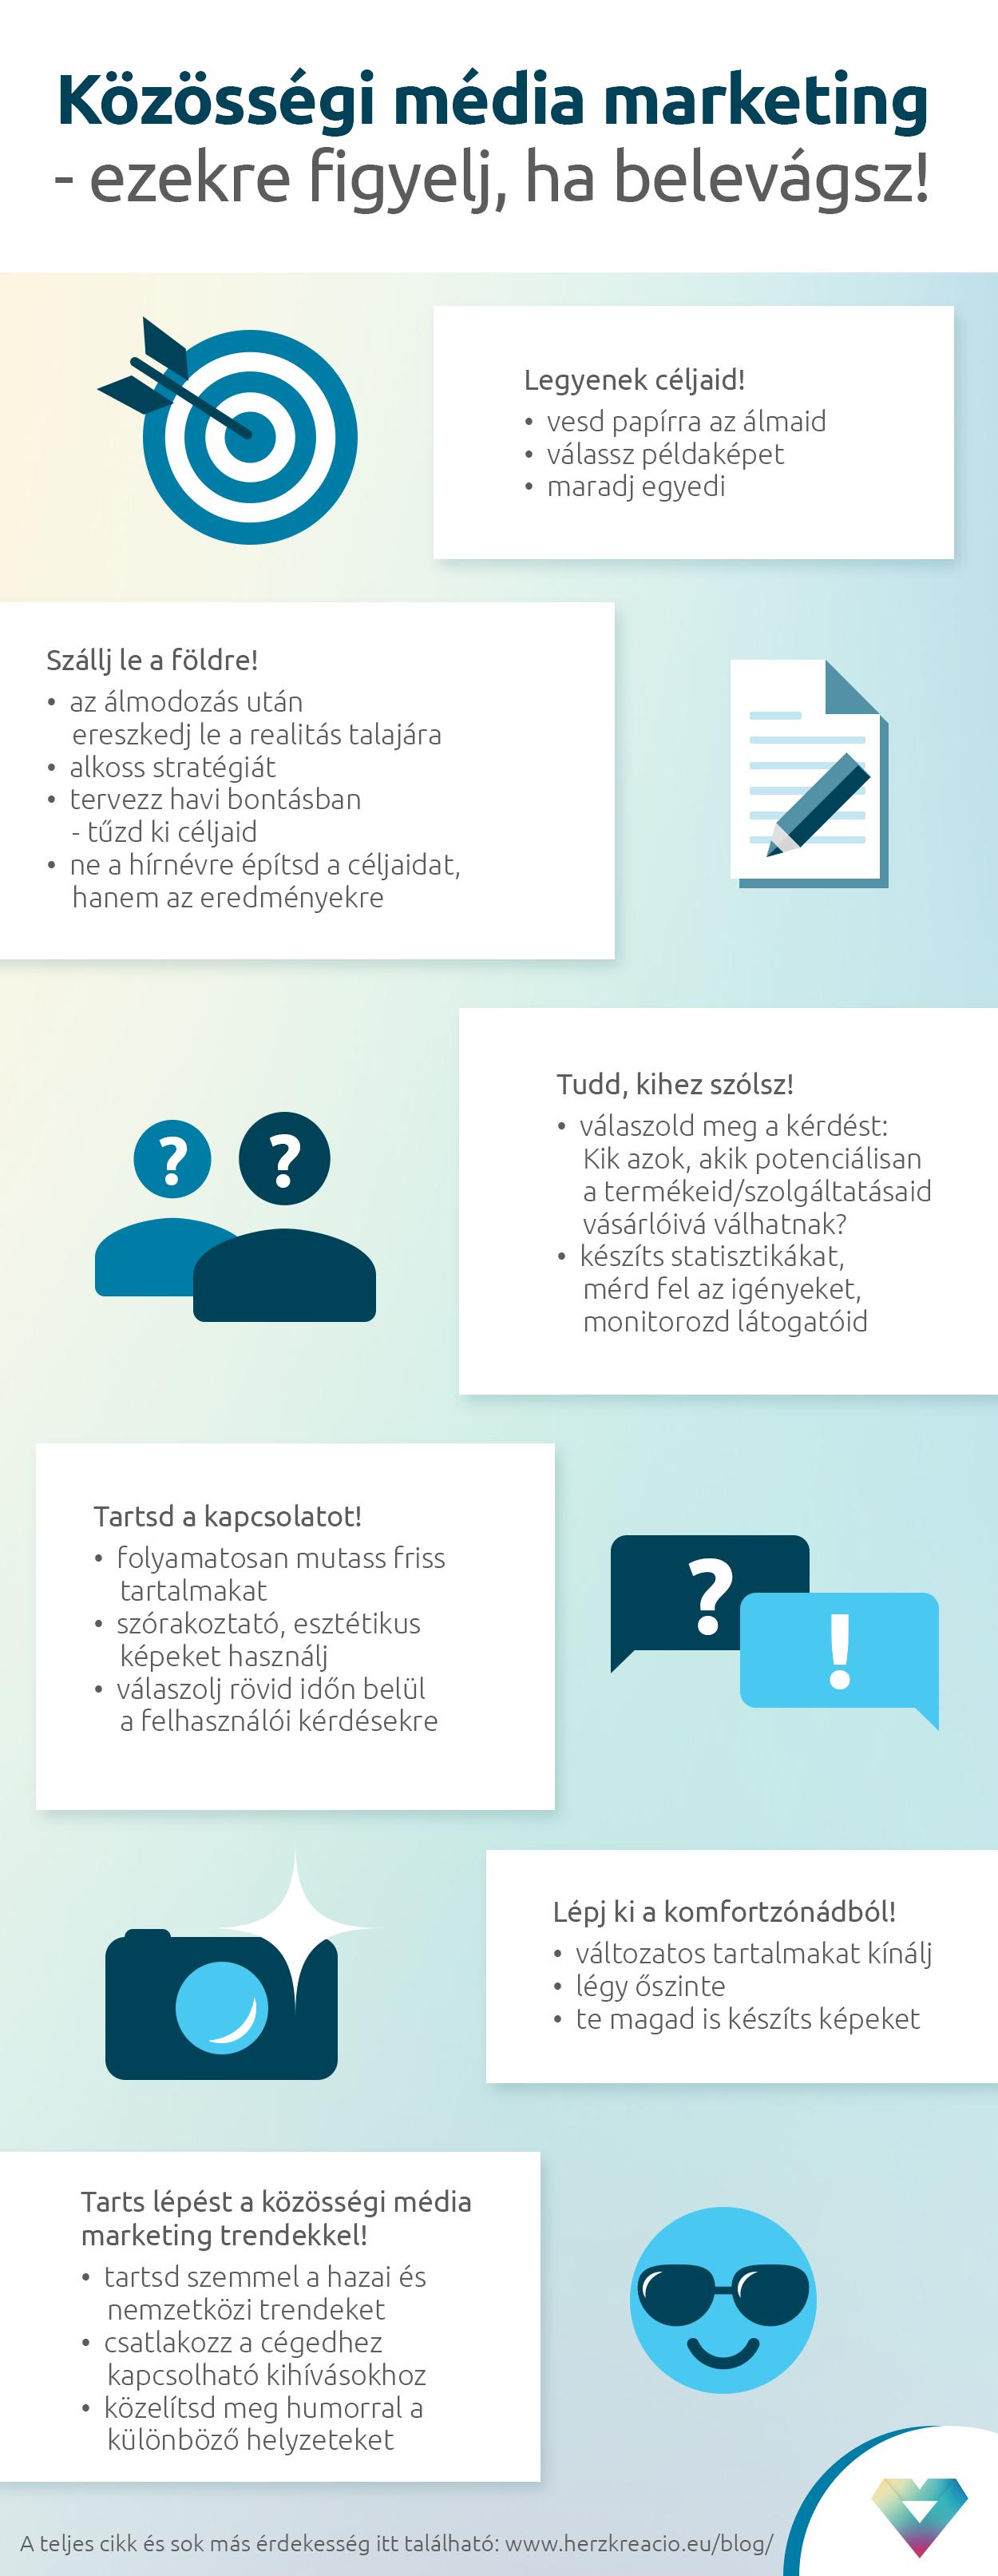 Közösségi média marketing infografika